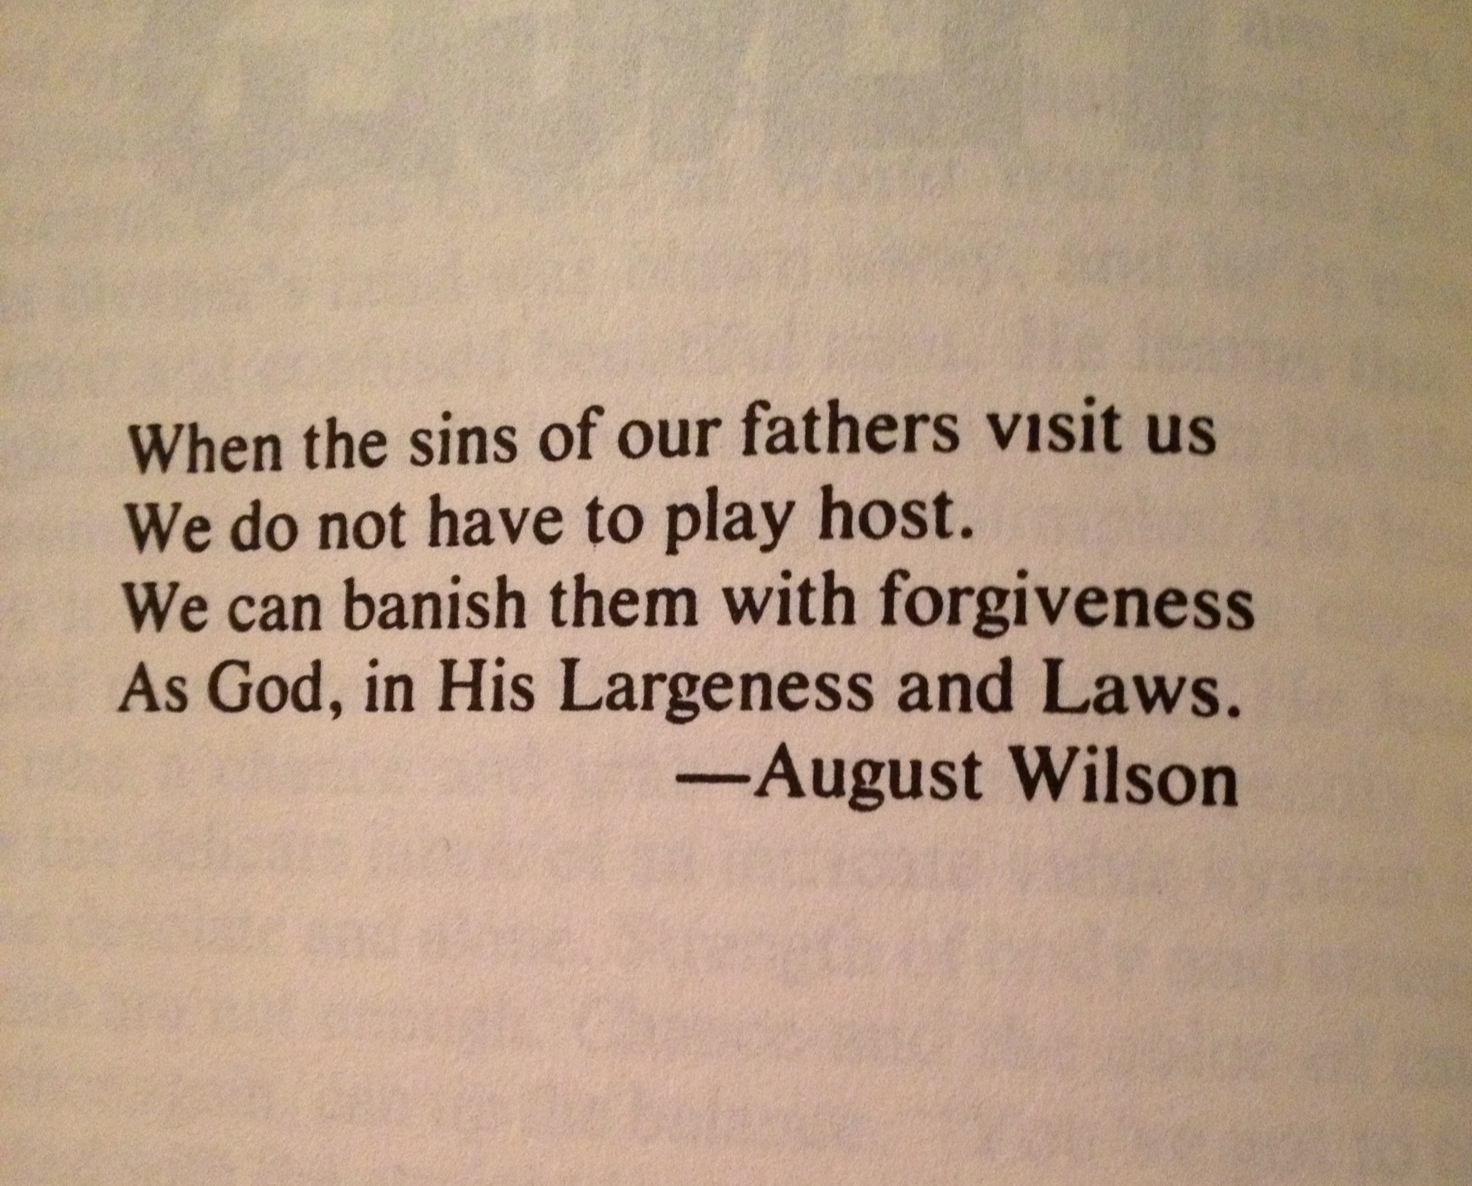 August Wilson Quotes Quotesgram